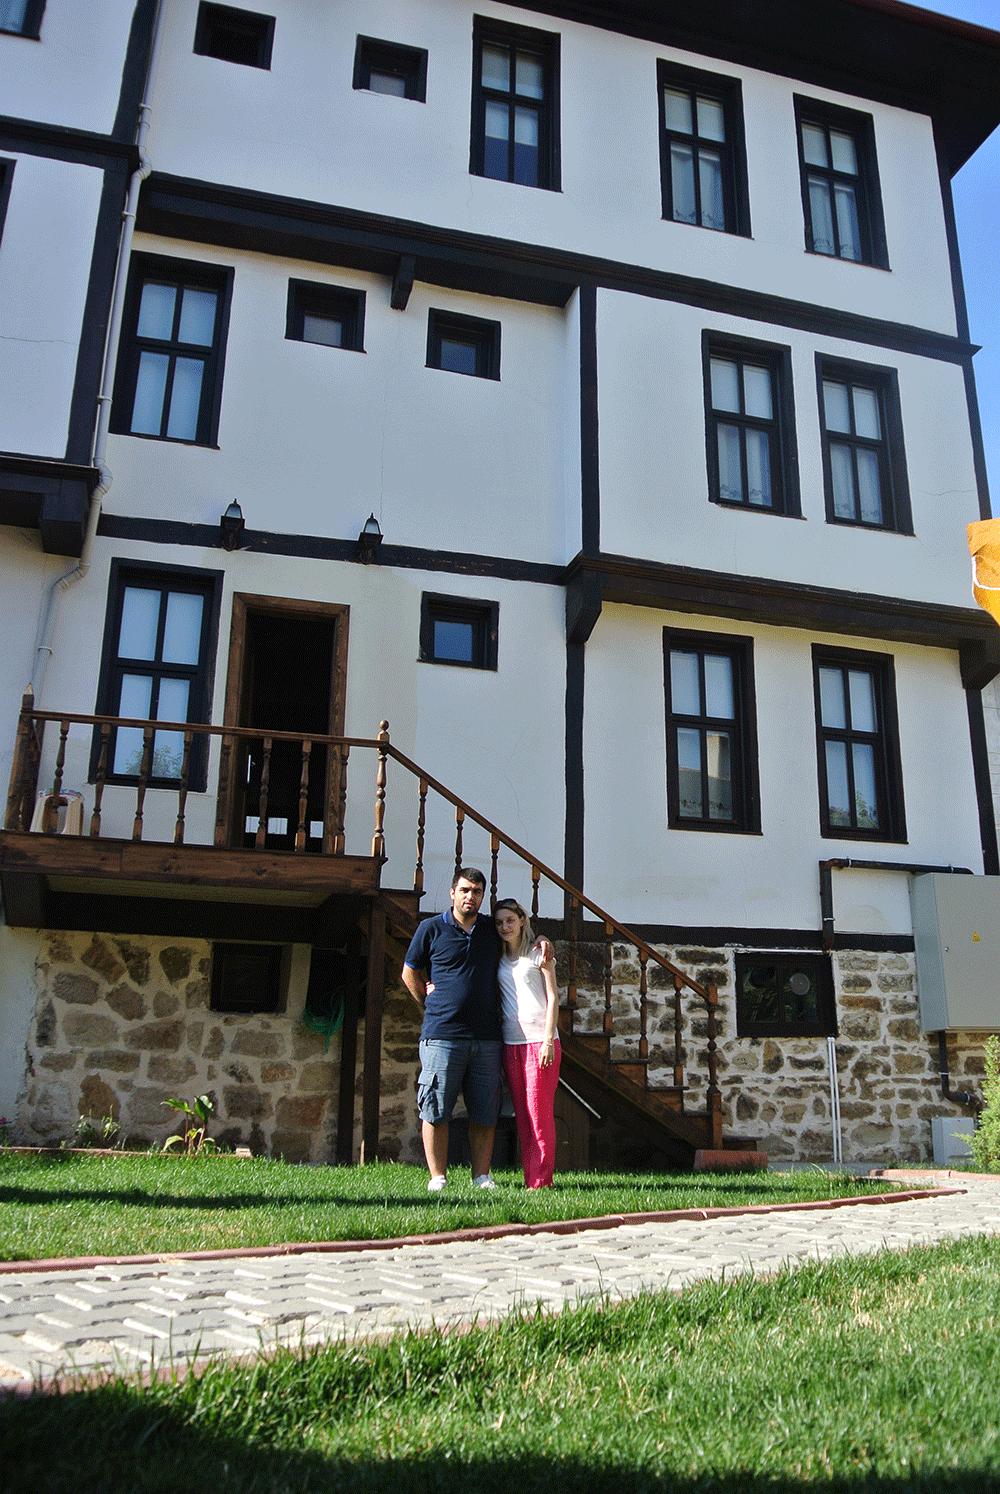 Kadıoğlu Konak